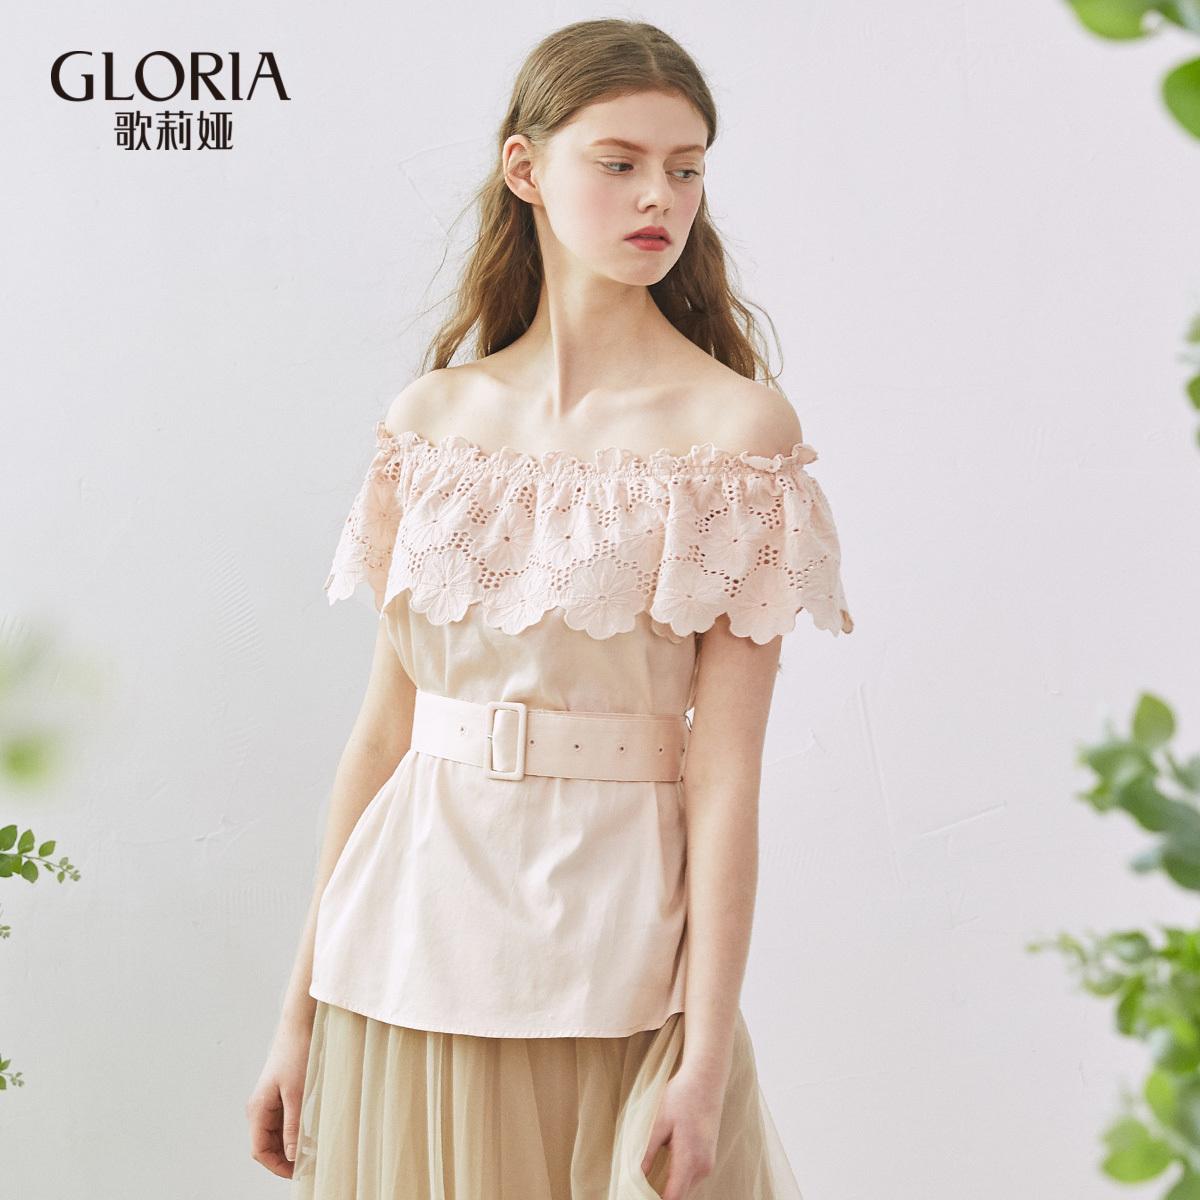 歌莉娅女装 GLORIA歌莉娅女装夏季新品一字花边领上衣175C3B120_推荐淘宝好看的歌莉娅